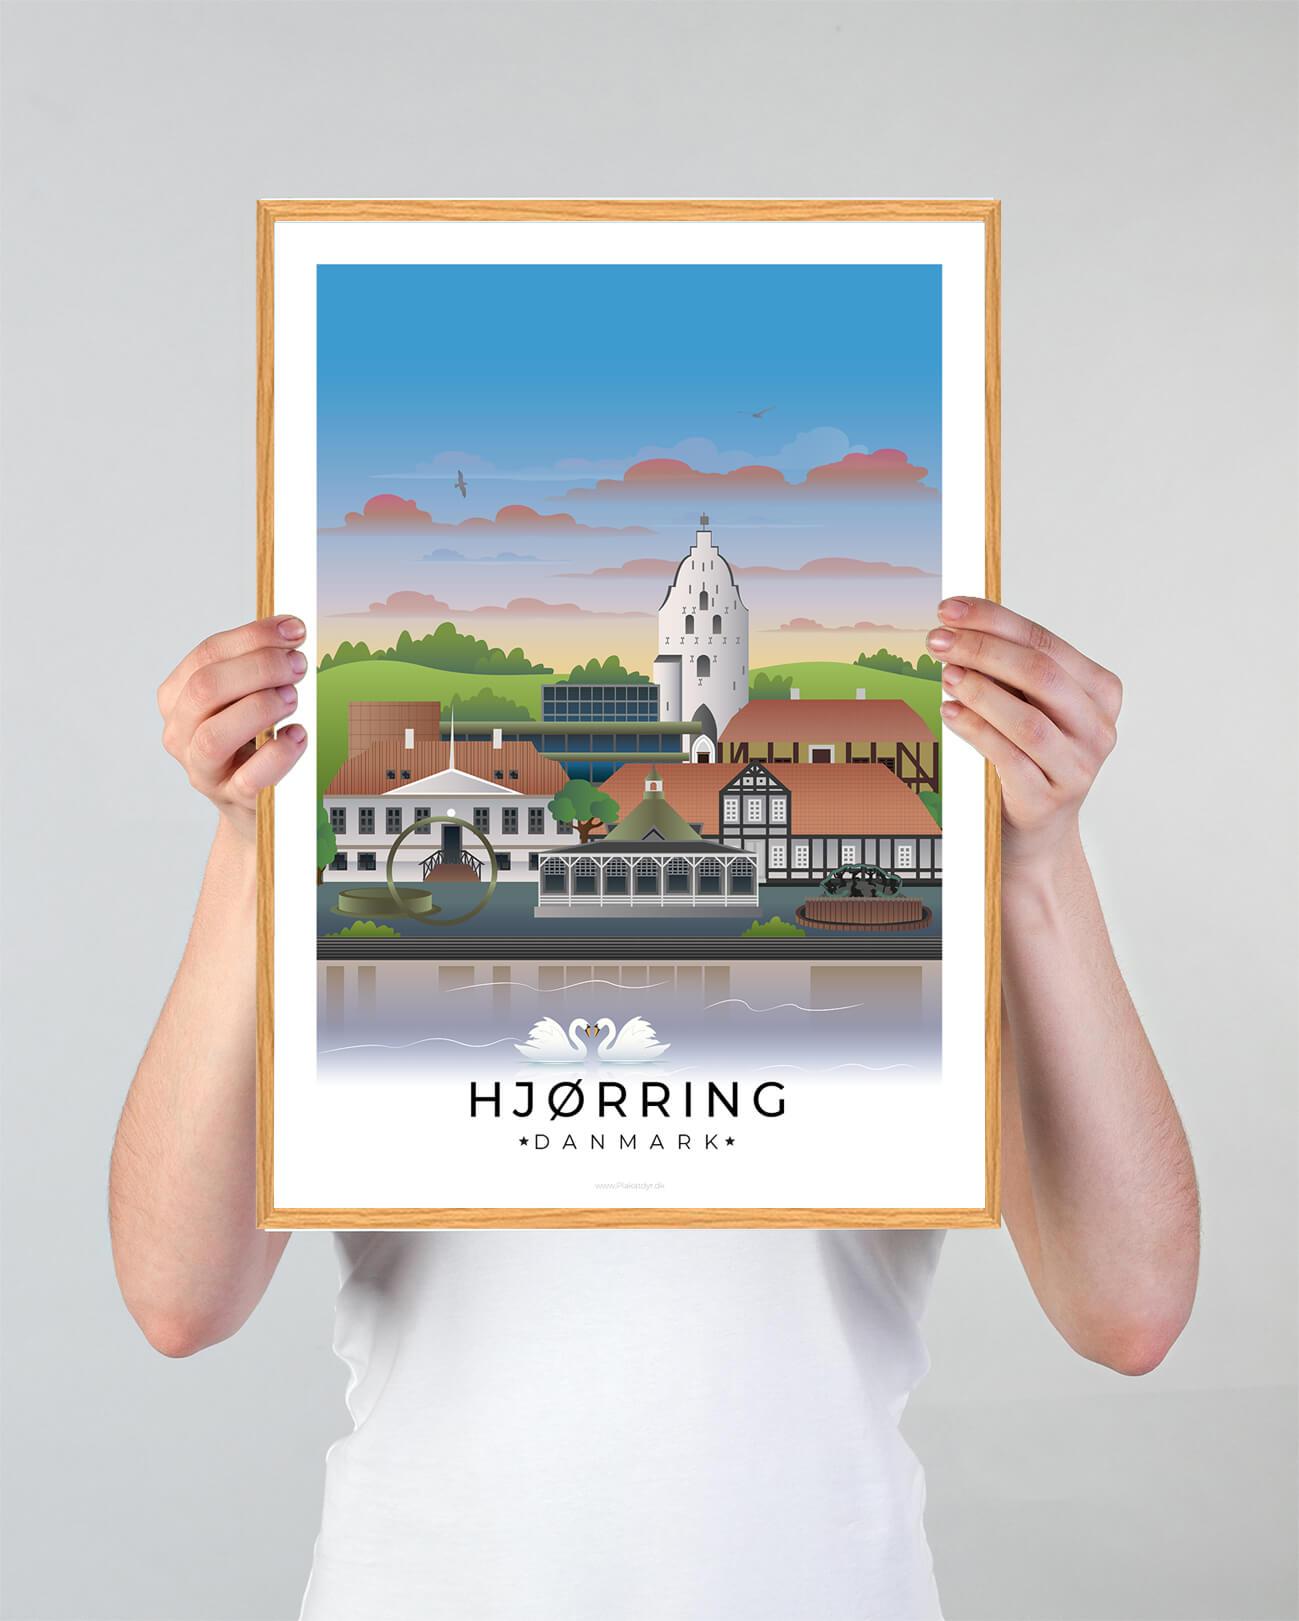 Hjoerring-byplakat-3